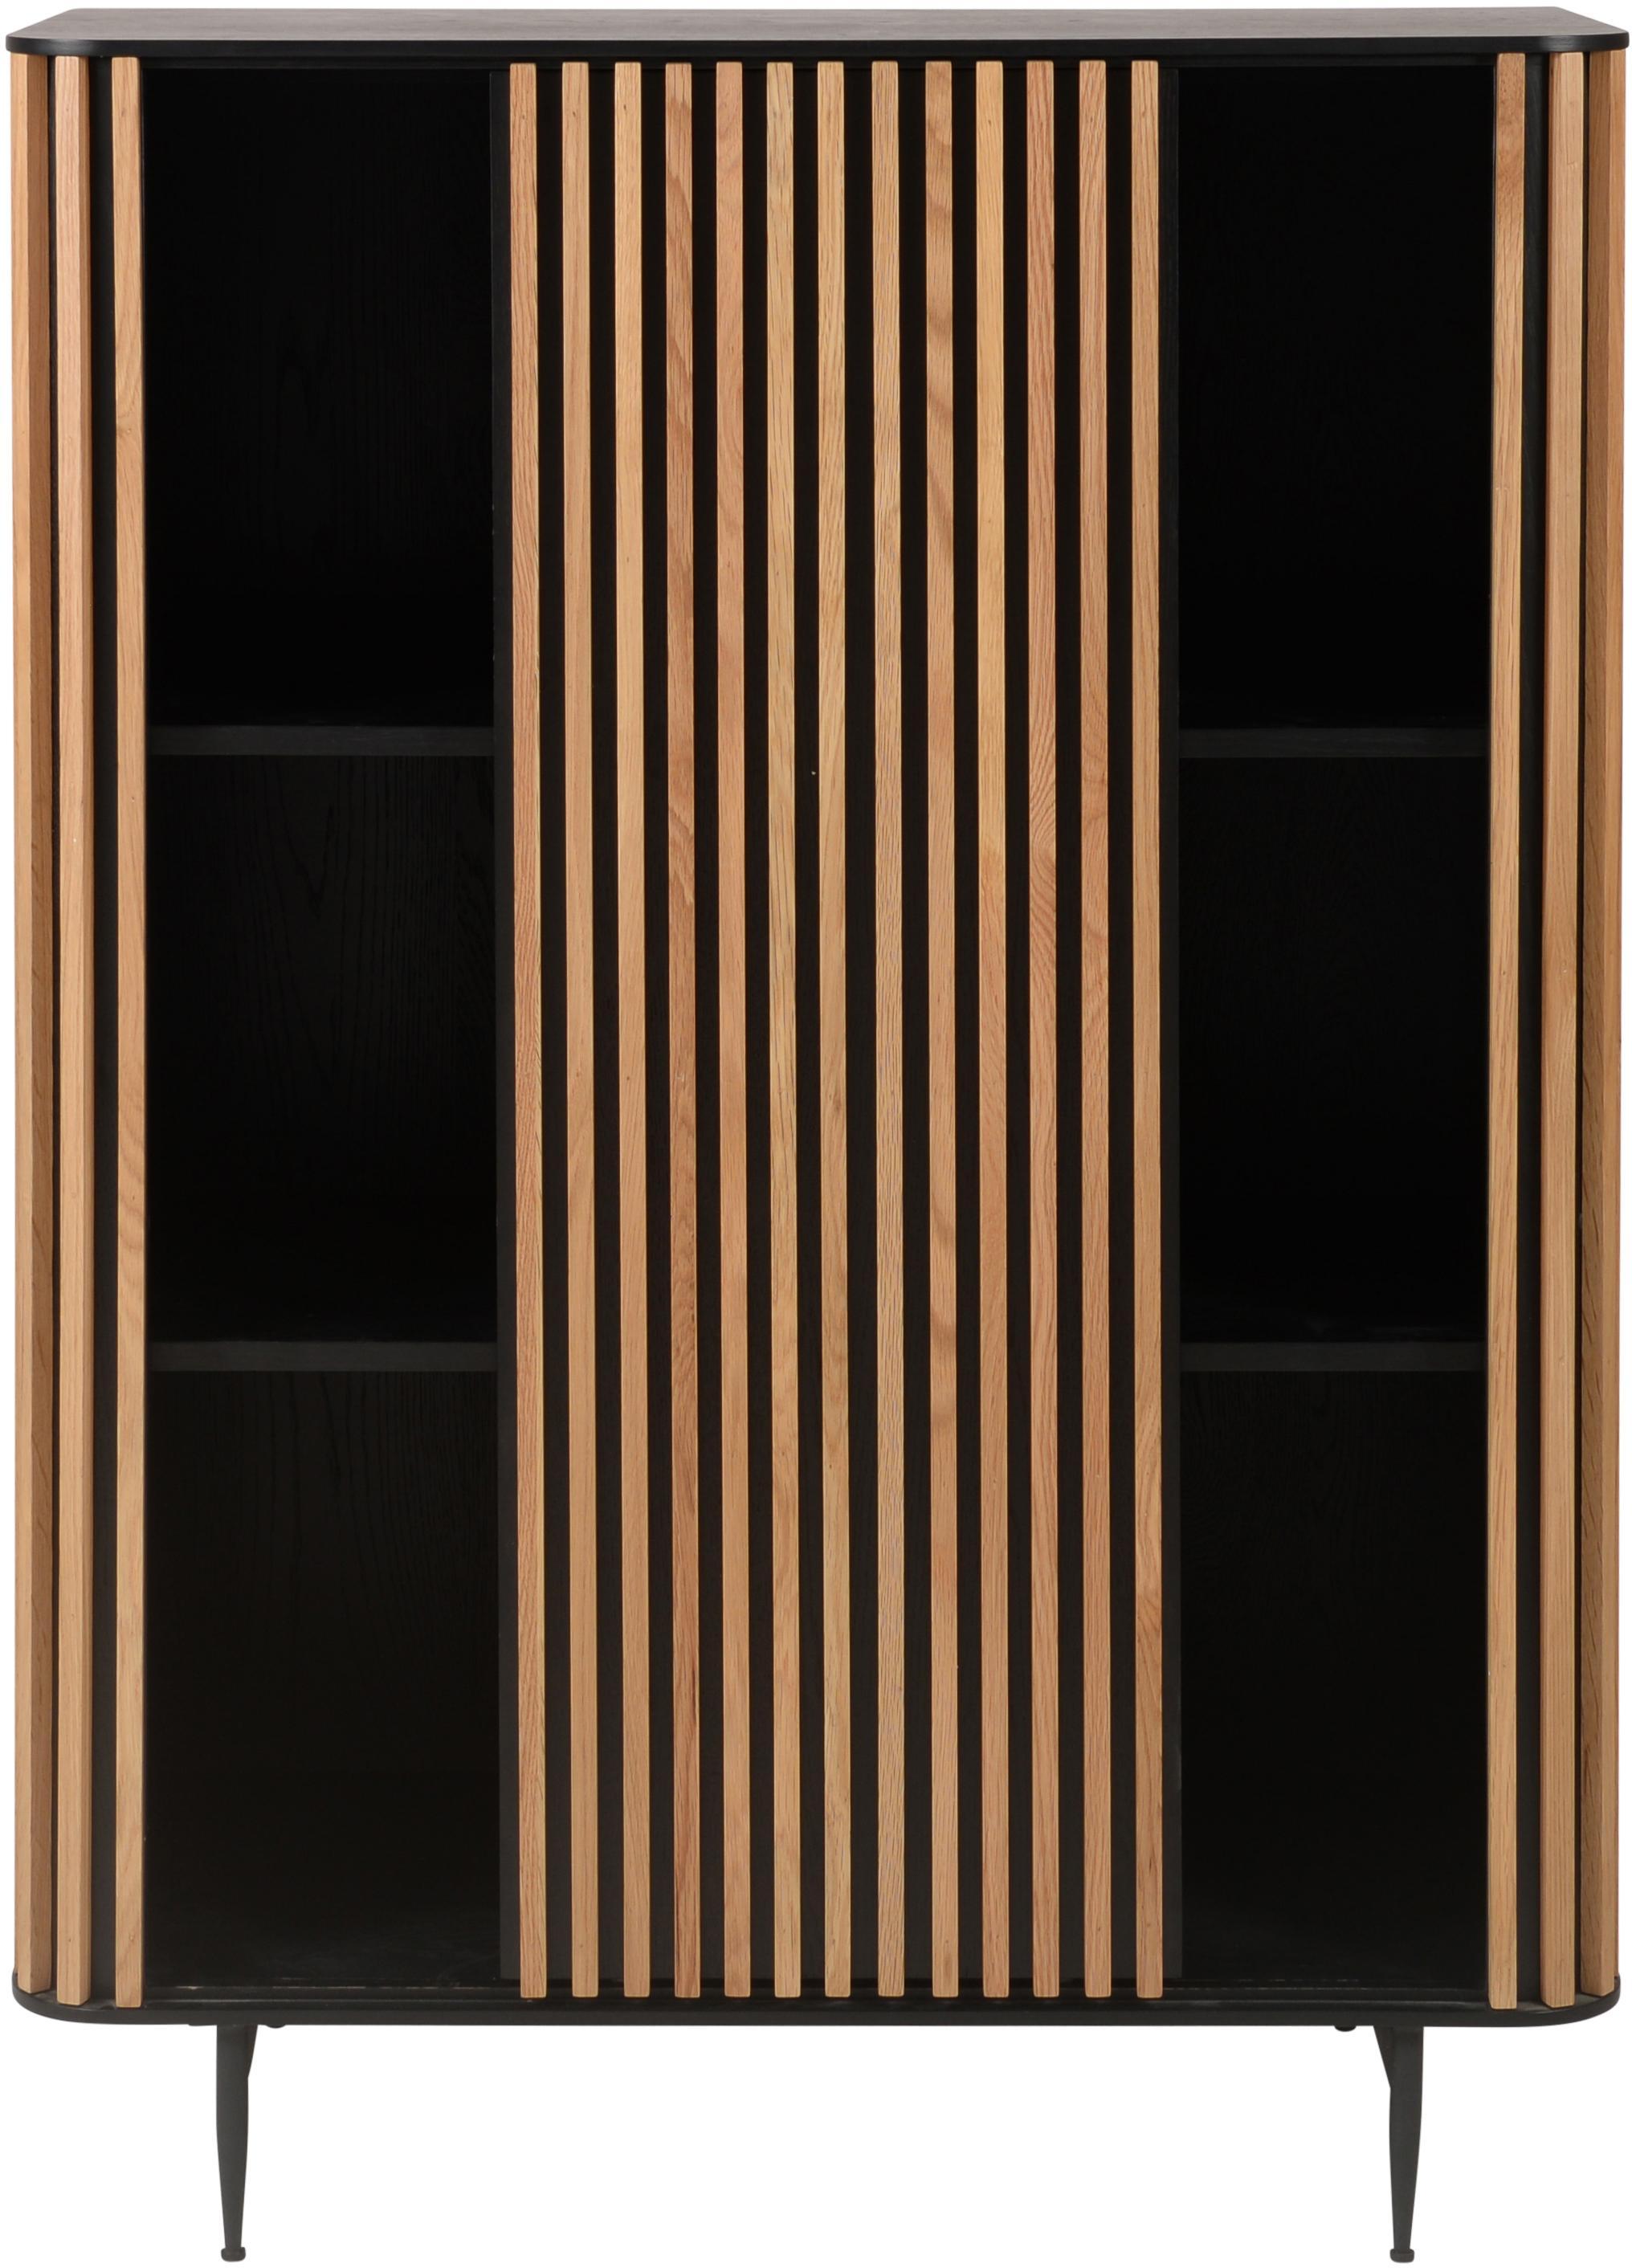 Credenza alta di design con finitura in quercia Linea, Piedini: metallo verniciato, Nero, legno di quercia, Larg. 98 x Alt. 135 cm